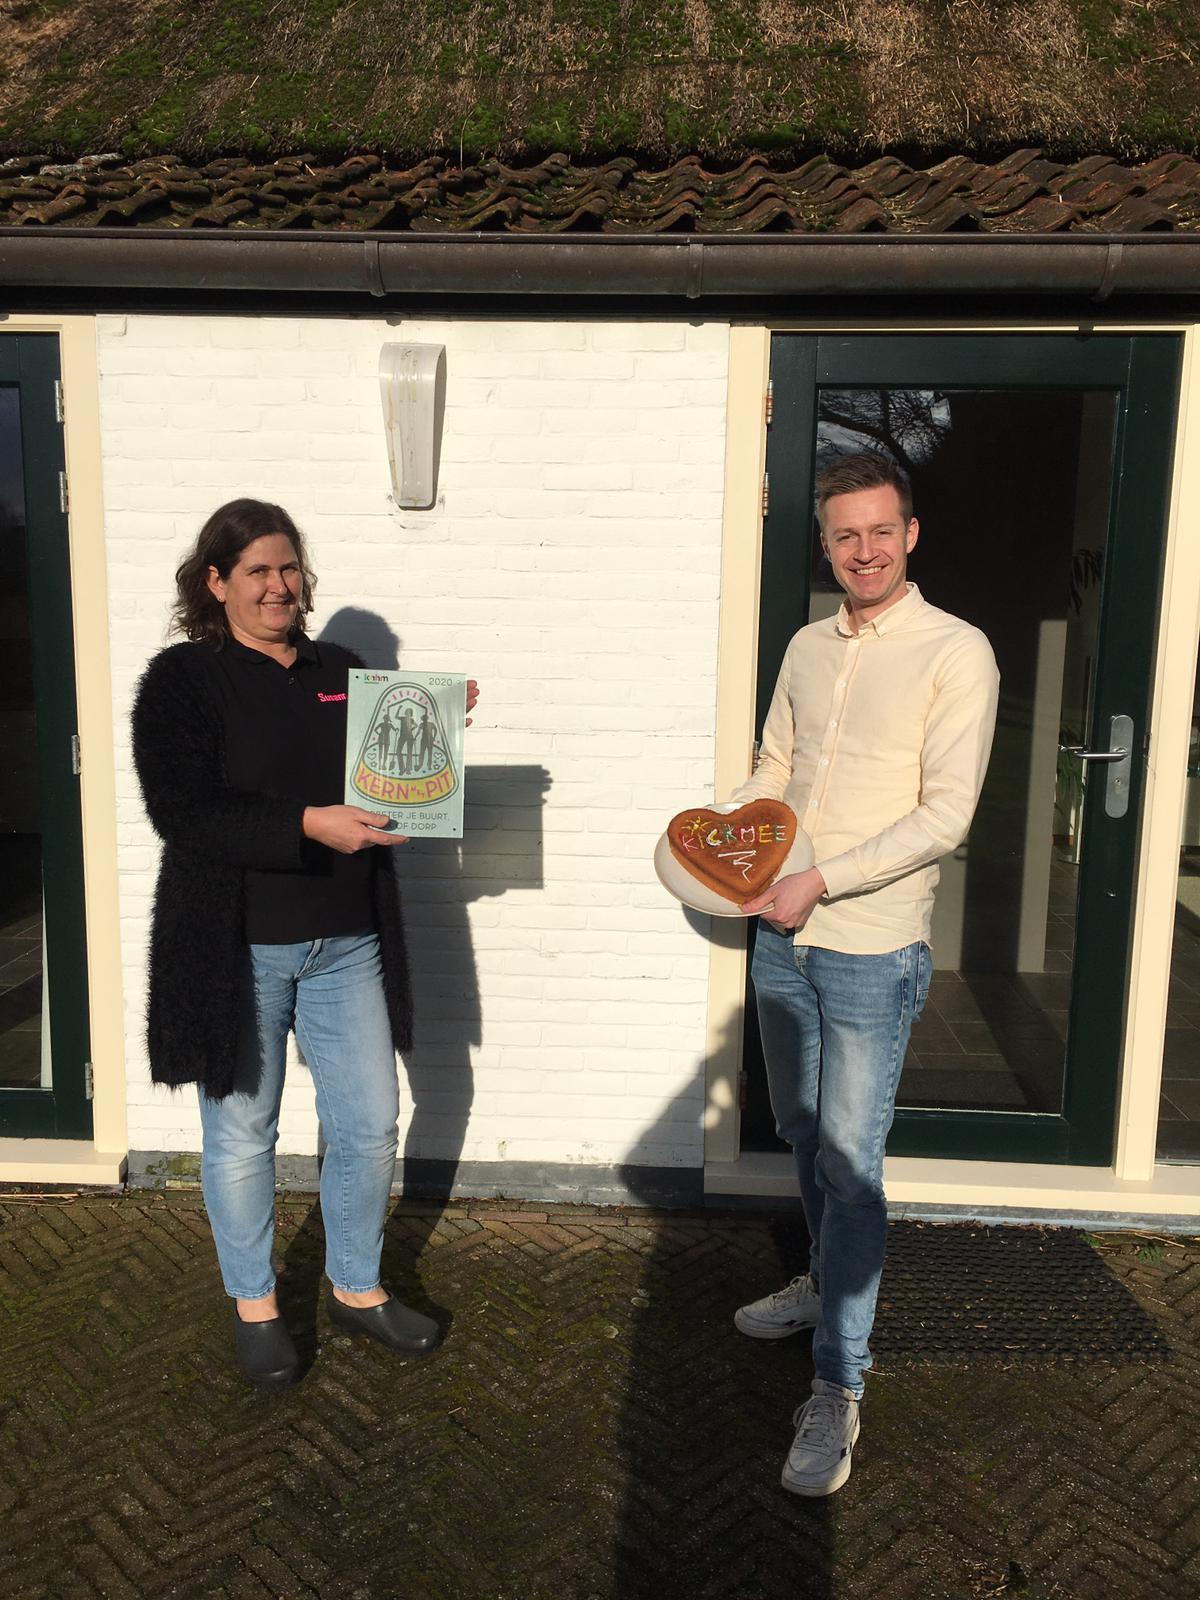 Kickmee! Hem wint Kern met Pittrofee Noord-Holland met online acties